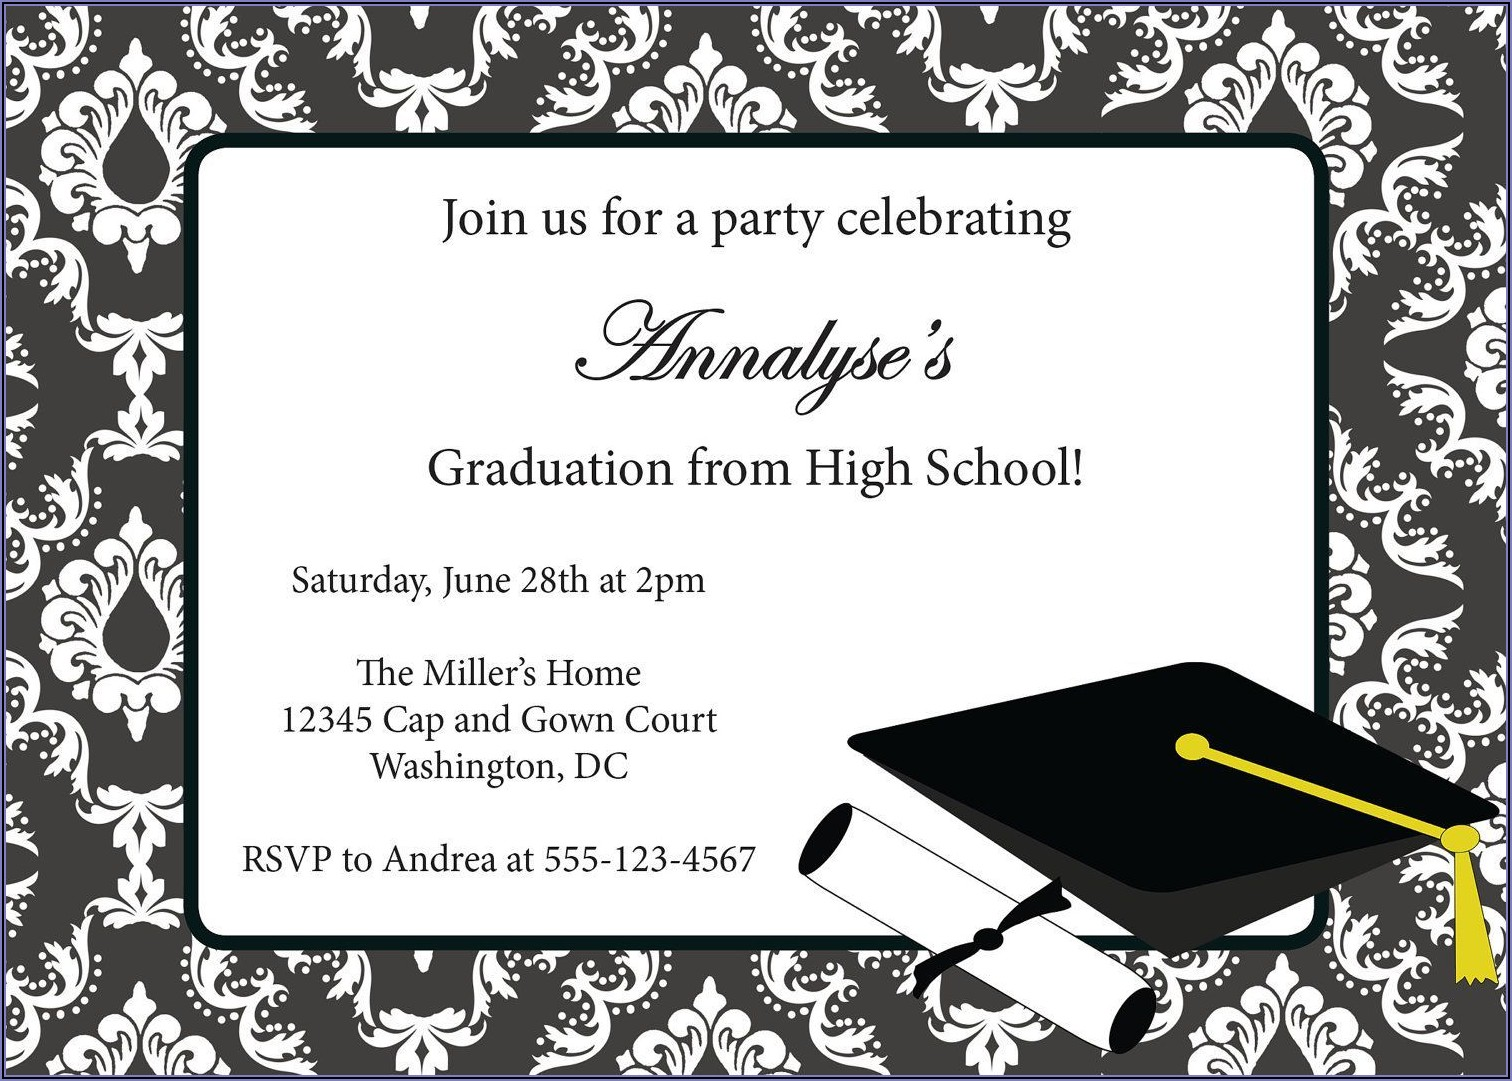 Graduation Ceremony Invite Wording